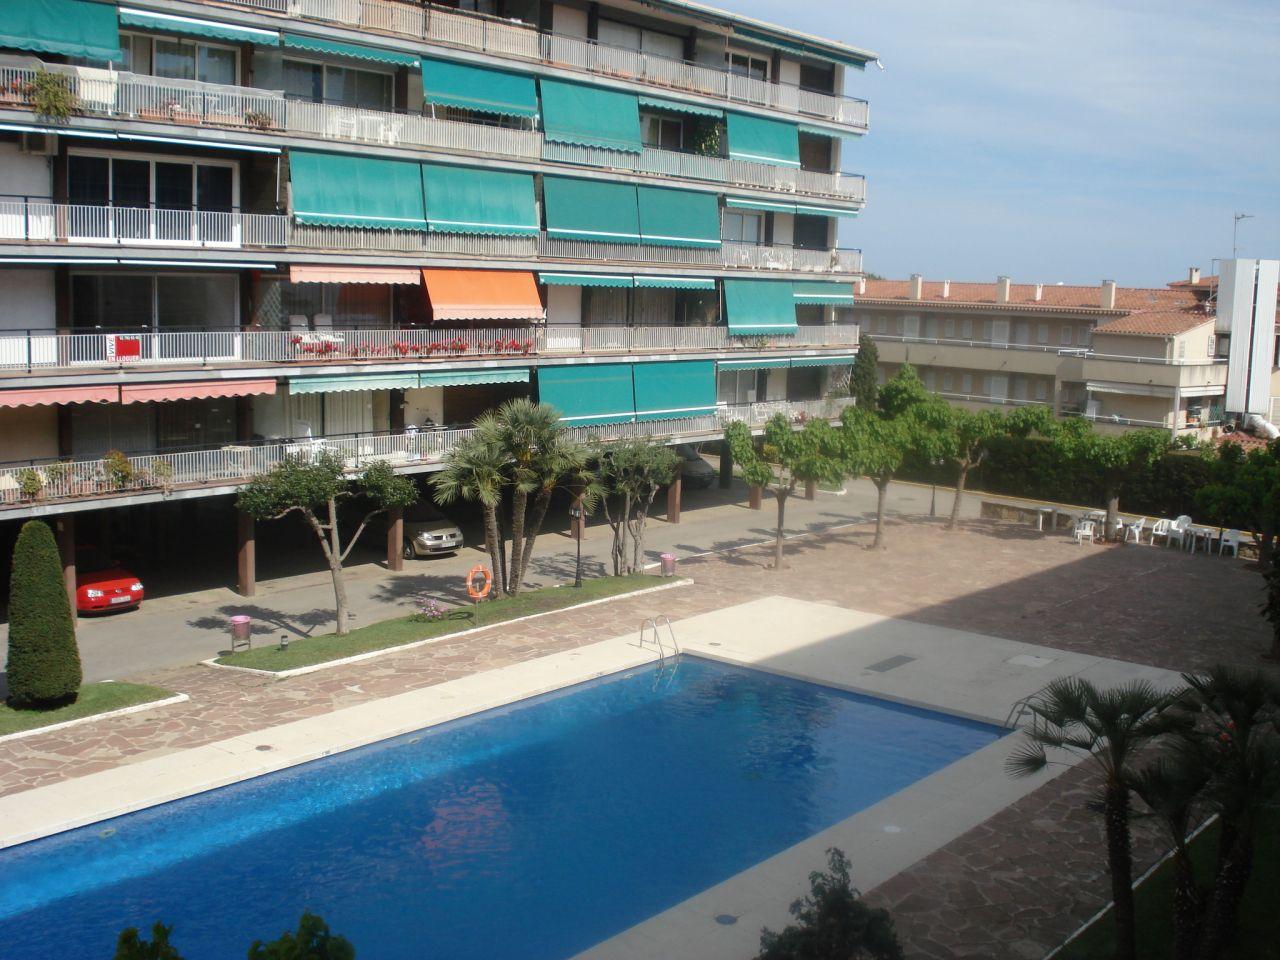 Квартира в Сан-Андреу-де-Льяванерас, Испания, 75 м2 - фото 1